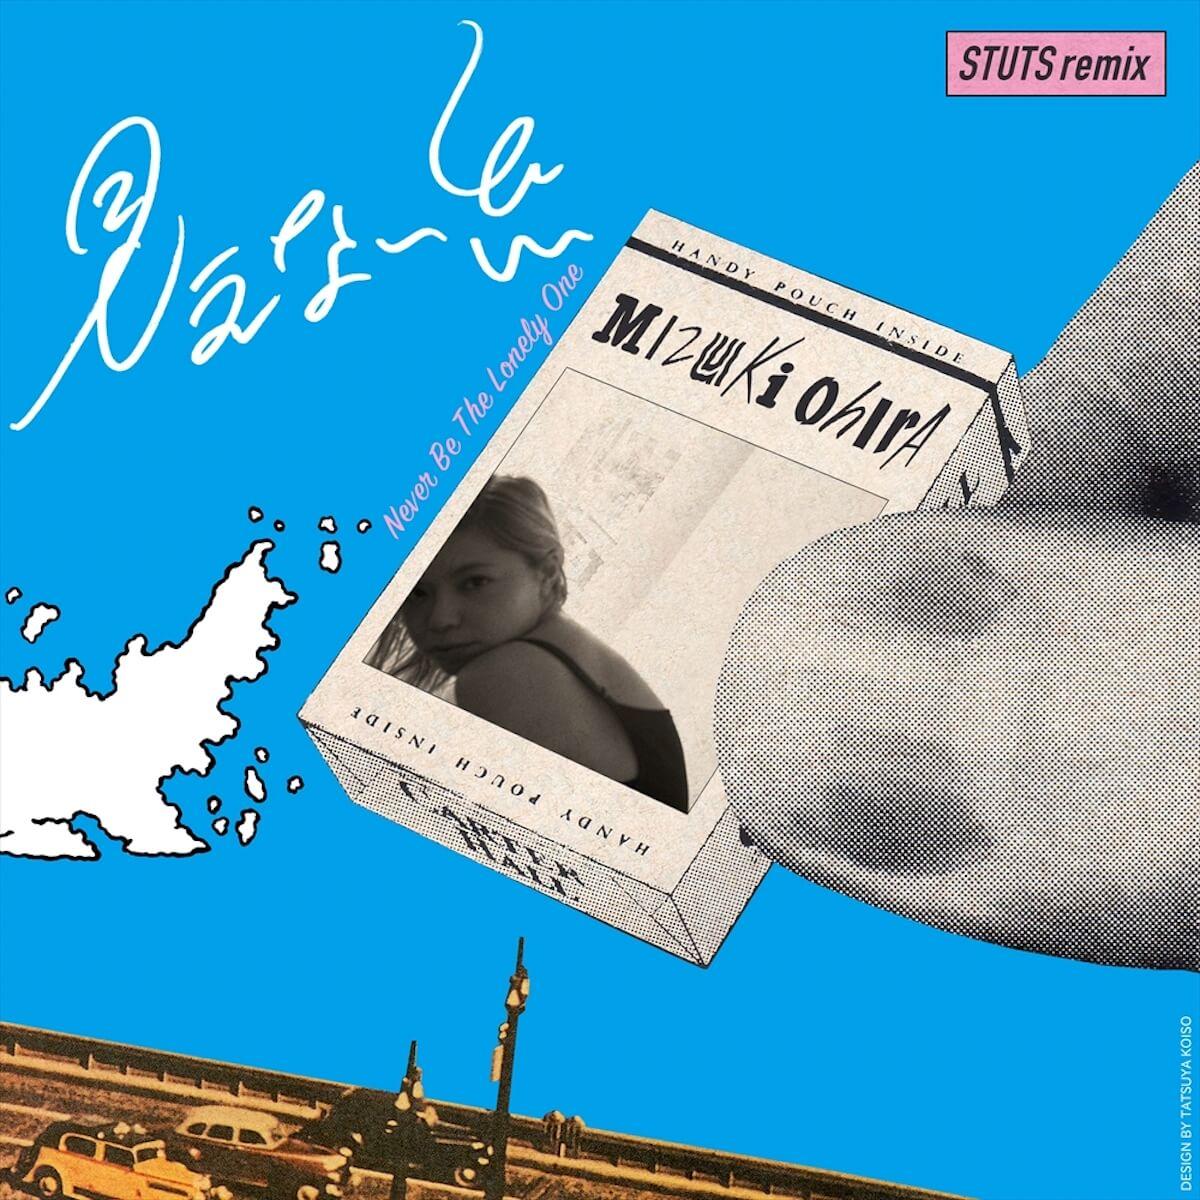 大比良瑞希の連続配信シングル&Remix企画の総まとめEPがリリース|tofubeats、STUTS、Kai Takahashi(LUCKY TAPES)が参加 music180719-ohiramizuki-2